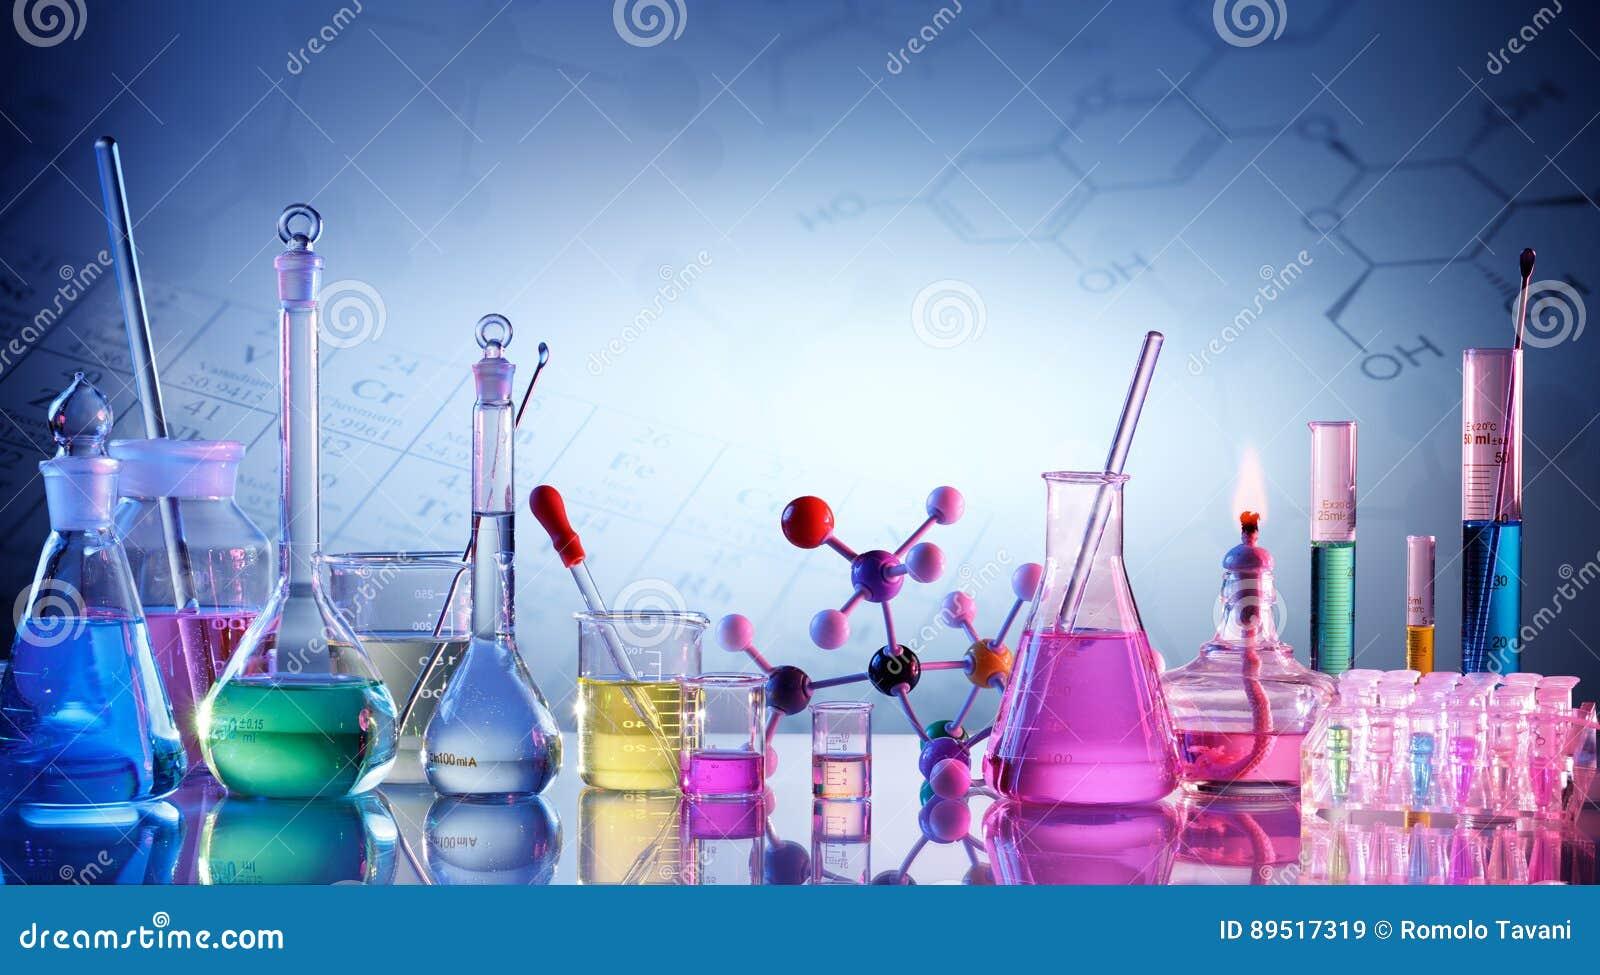 Recherche de laboratoire - verrerie scientifique